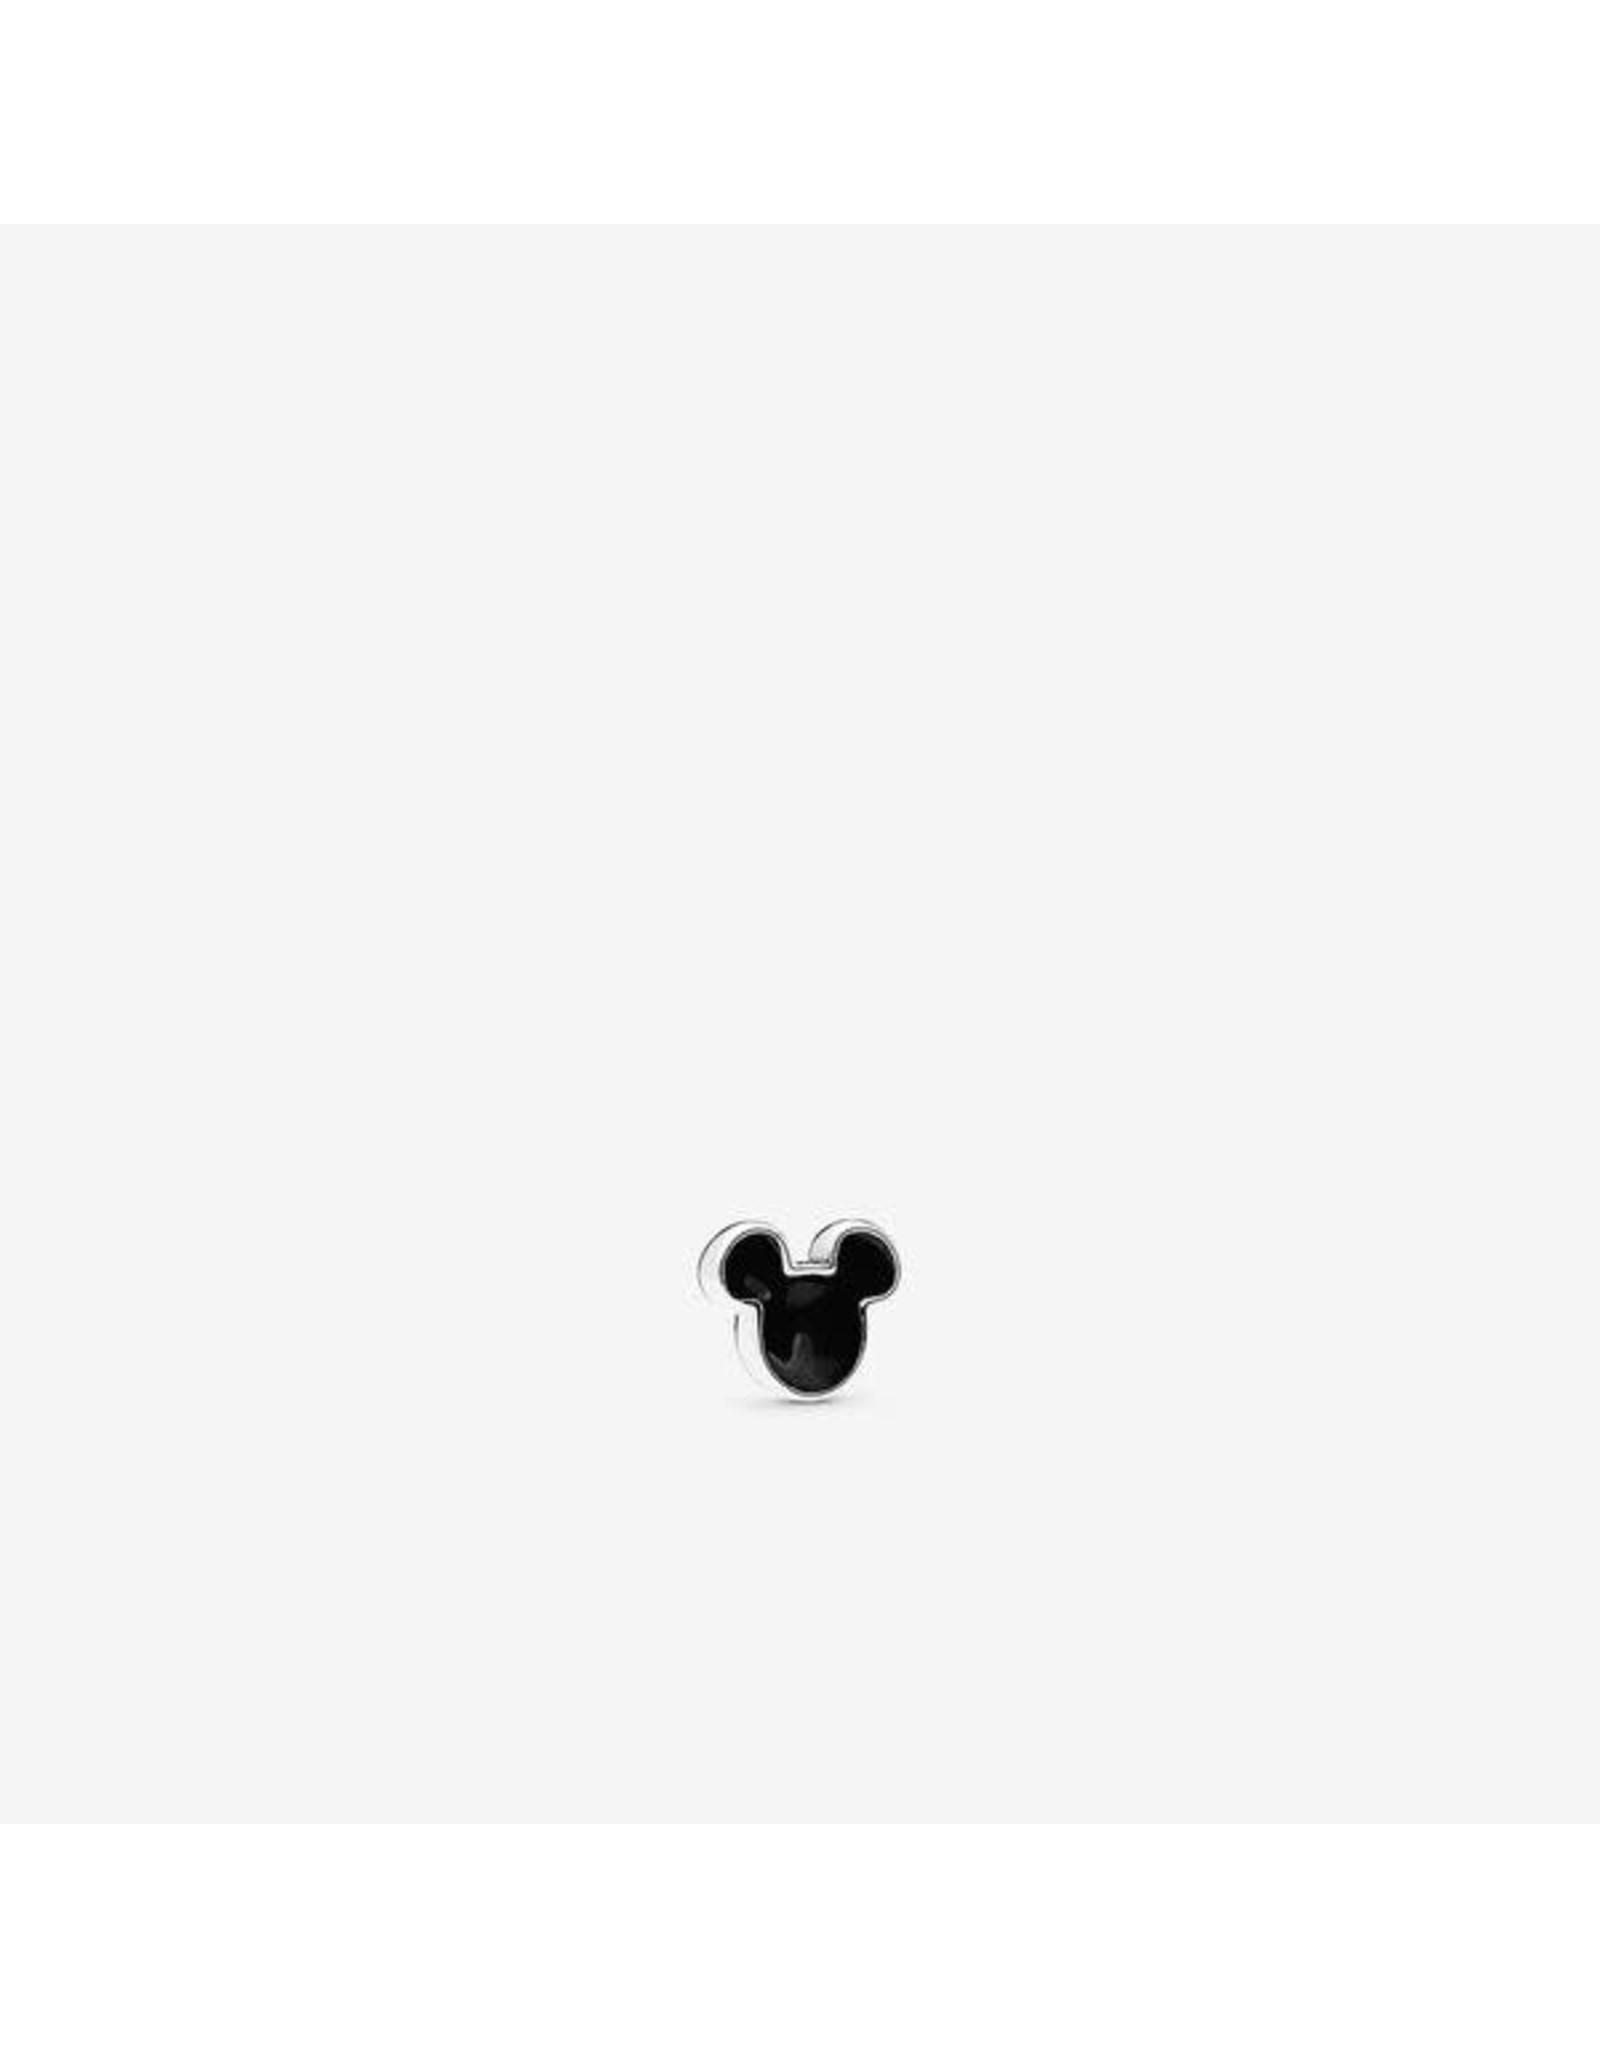 Pandora Pandora Charm Petite, Disney, Mickey Silhouette